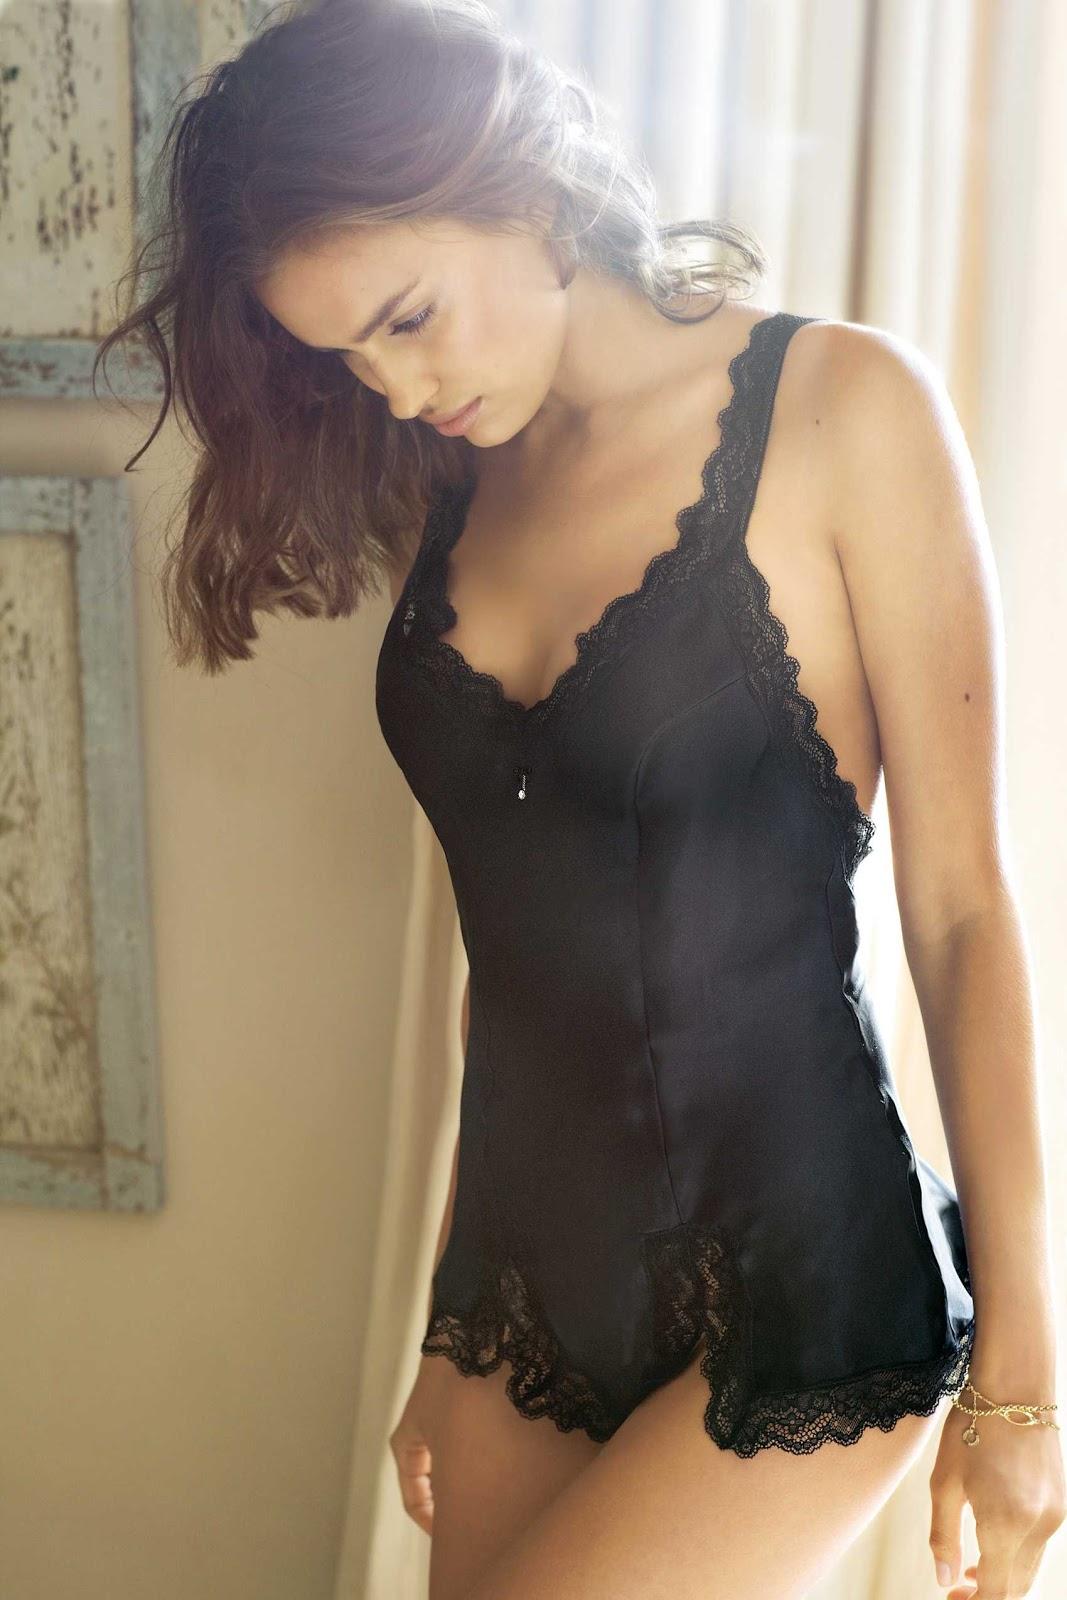 http://2.bp.blogspot.com/-h2A621hZsNk/TnJYkXBNzYI/AAAAAAAAAkk/zc8WXC5ImMs/s1600/Hot-Irina-Sheik-7.jpg